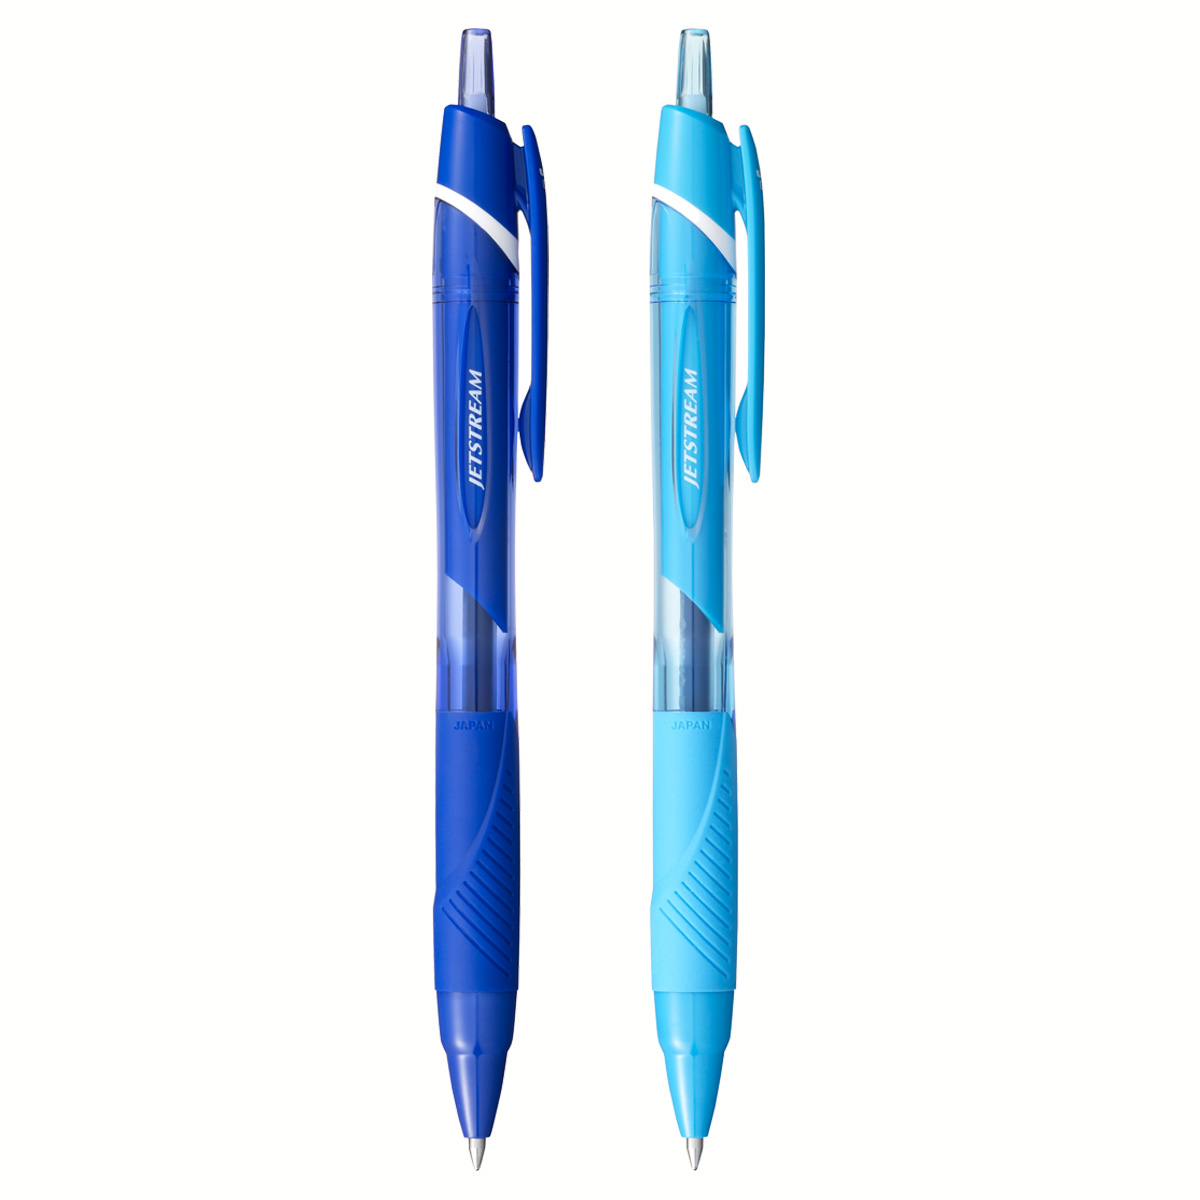 三菱鉛筆 ジェットストリーム ノック式カラーインクボールペン 0.7mm SXN-150C-07